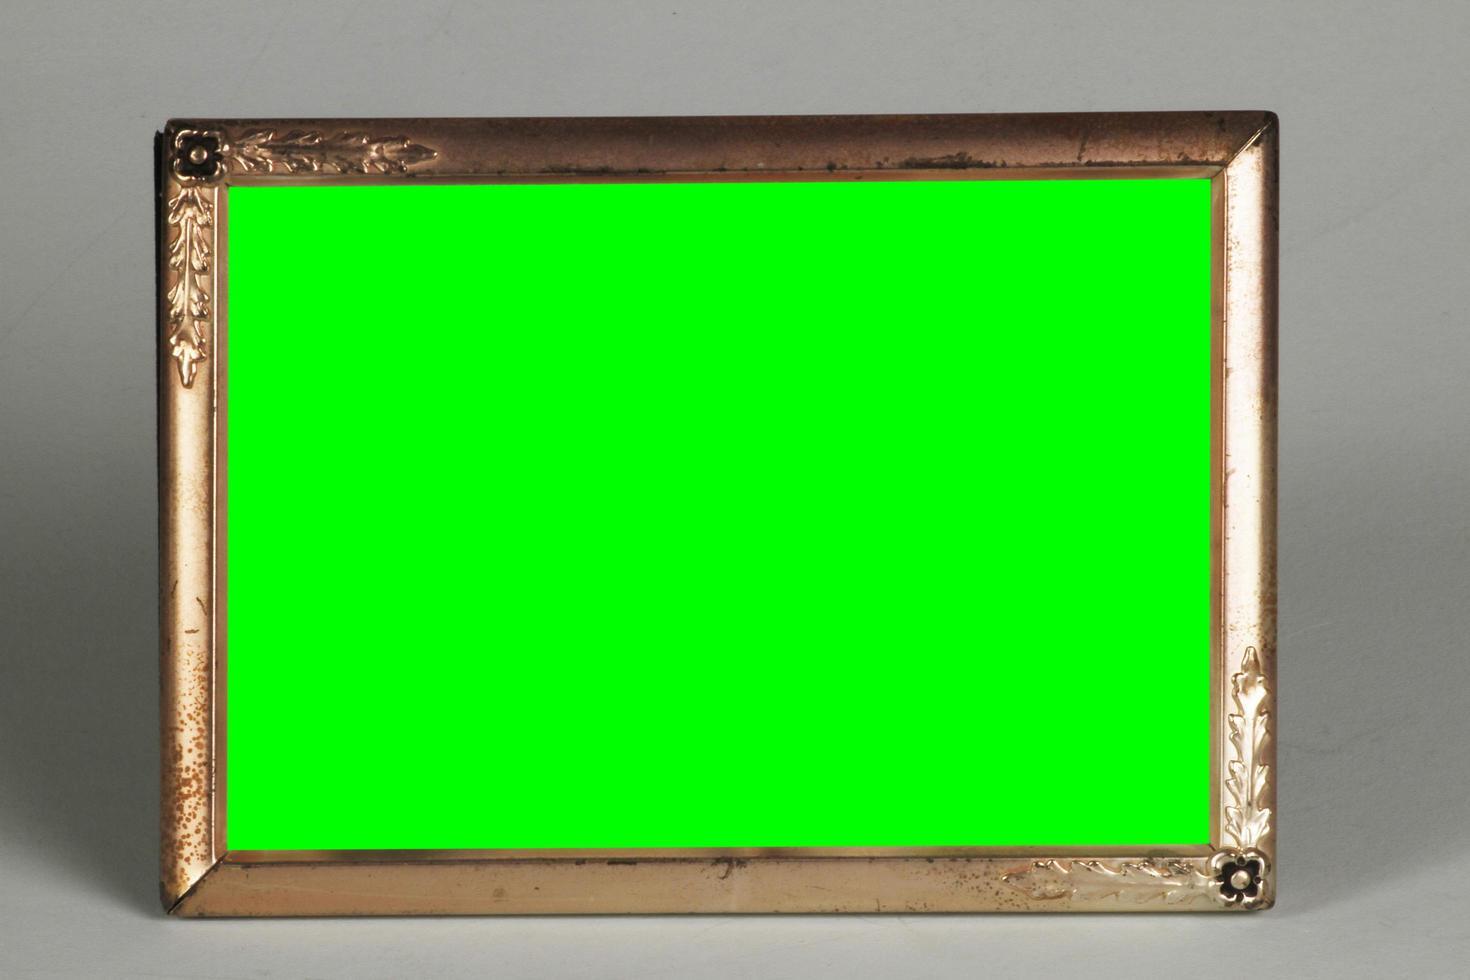 Hohlbild- oder Fotorahmen zur Verwendung in grafischen Arrangements foto